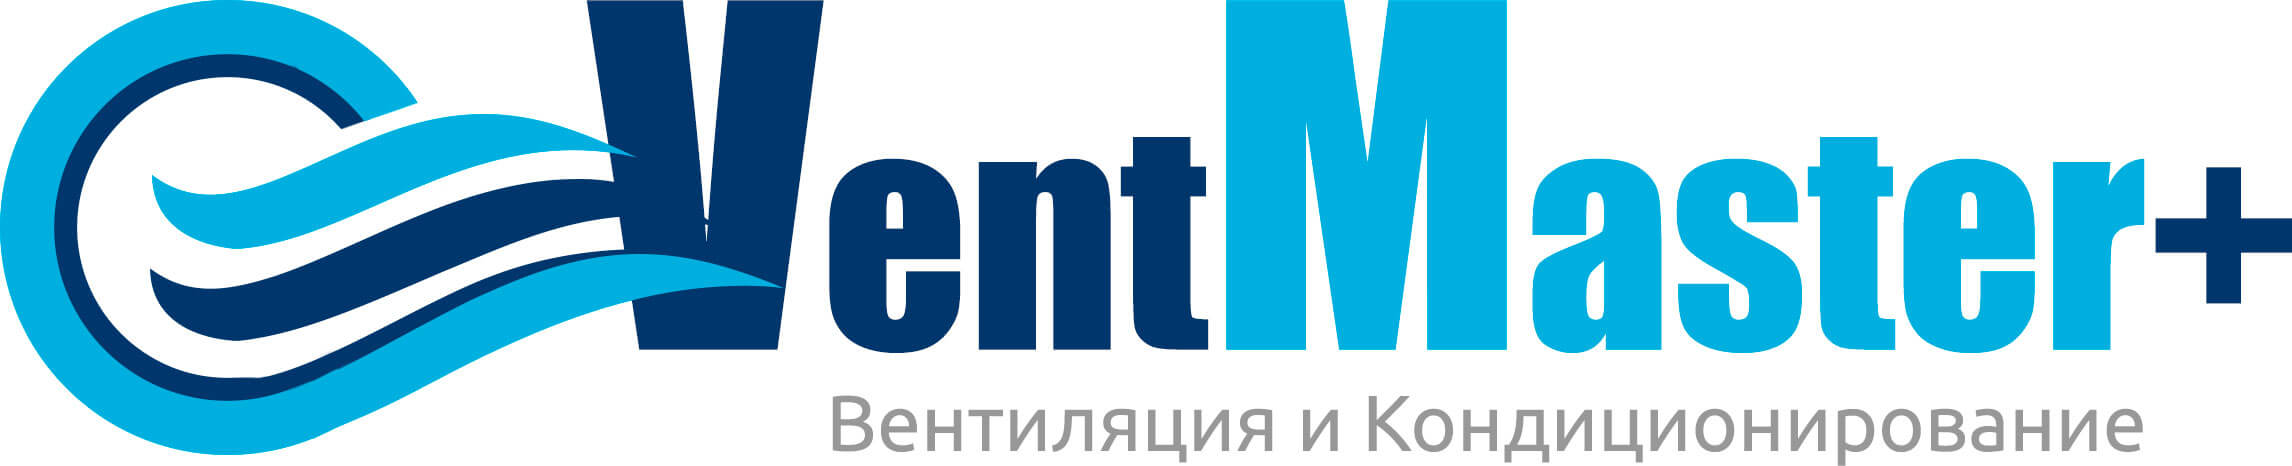 Продажа и установка вентиляции и кондиционирования в Москве и МО | Интернет магазин - ВентМастерПлюс